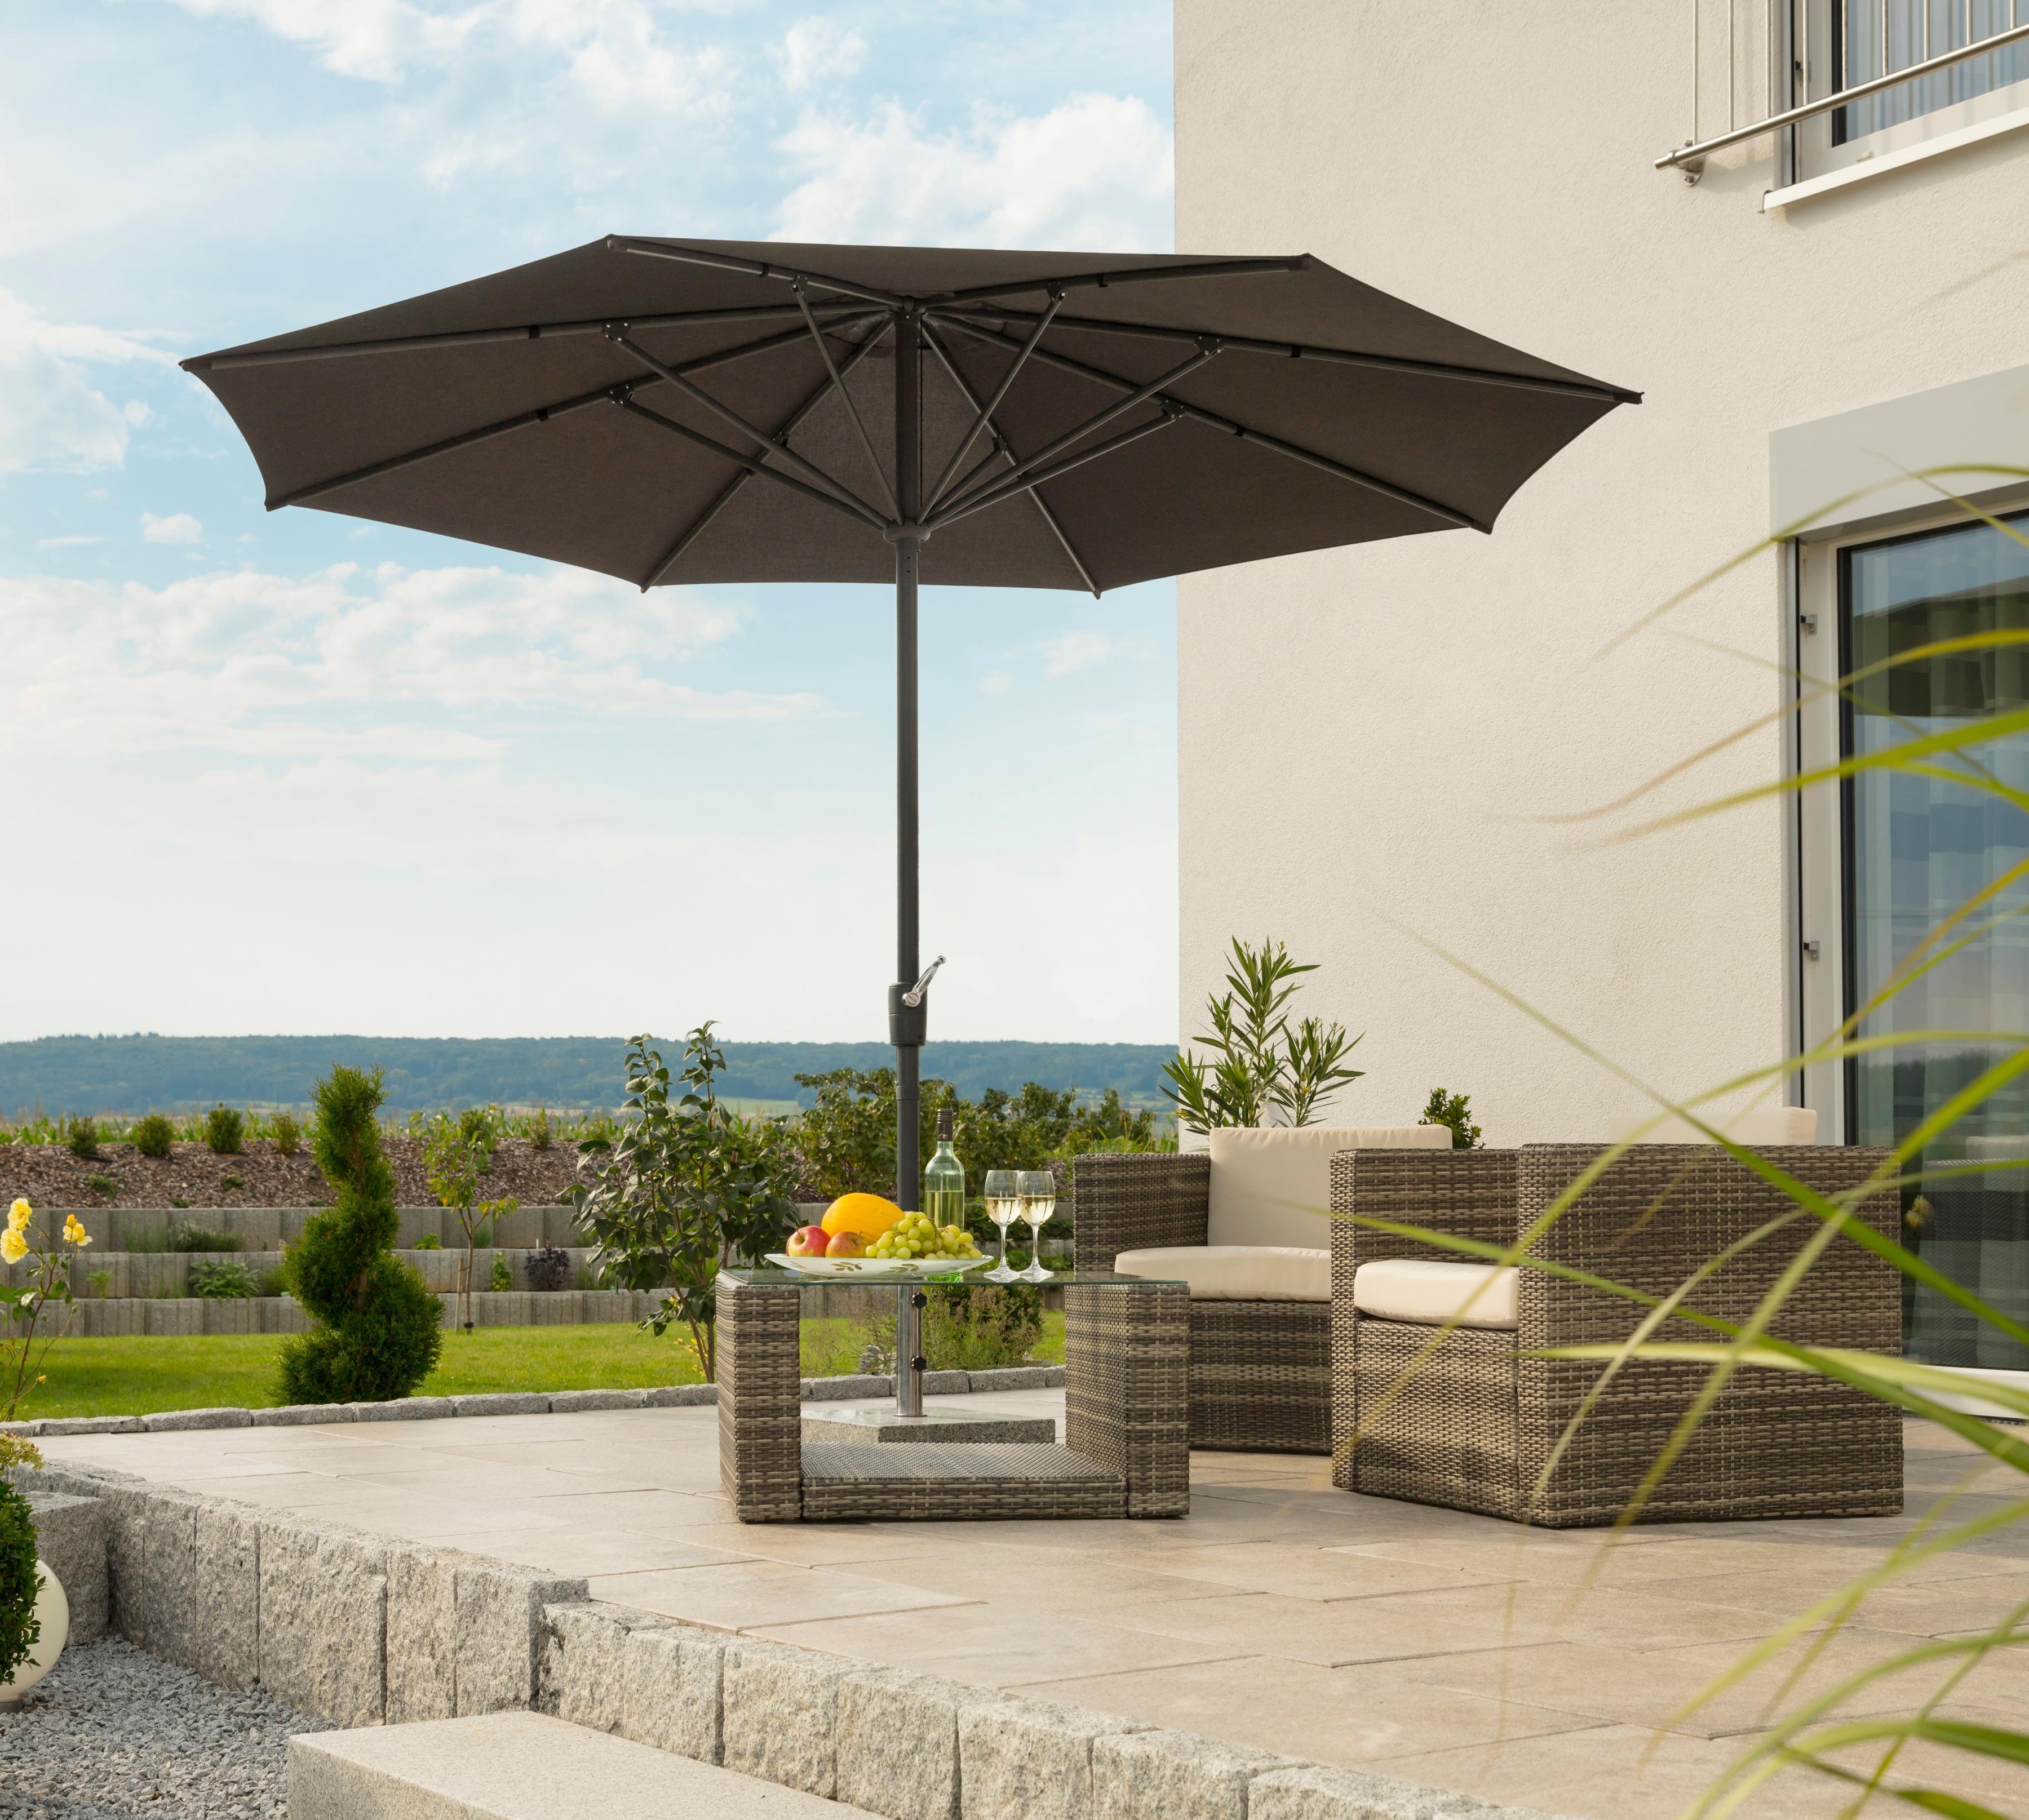 Schneider Schirme Sonnenschirm Korsika, ohne Schirmständer braun Sonnenschirme -segel Gartenmöbel Gartendeko